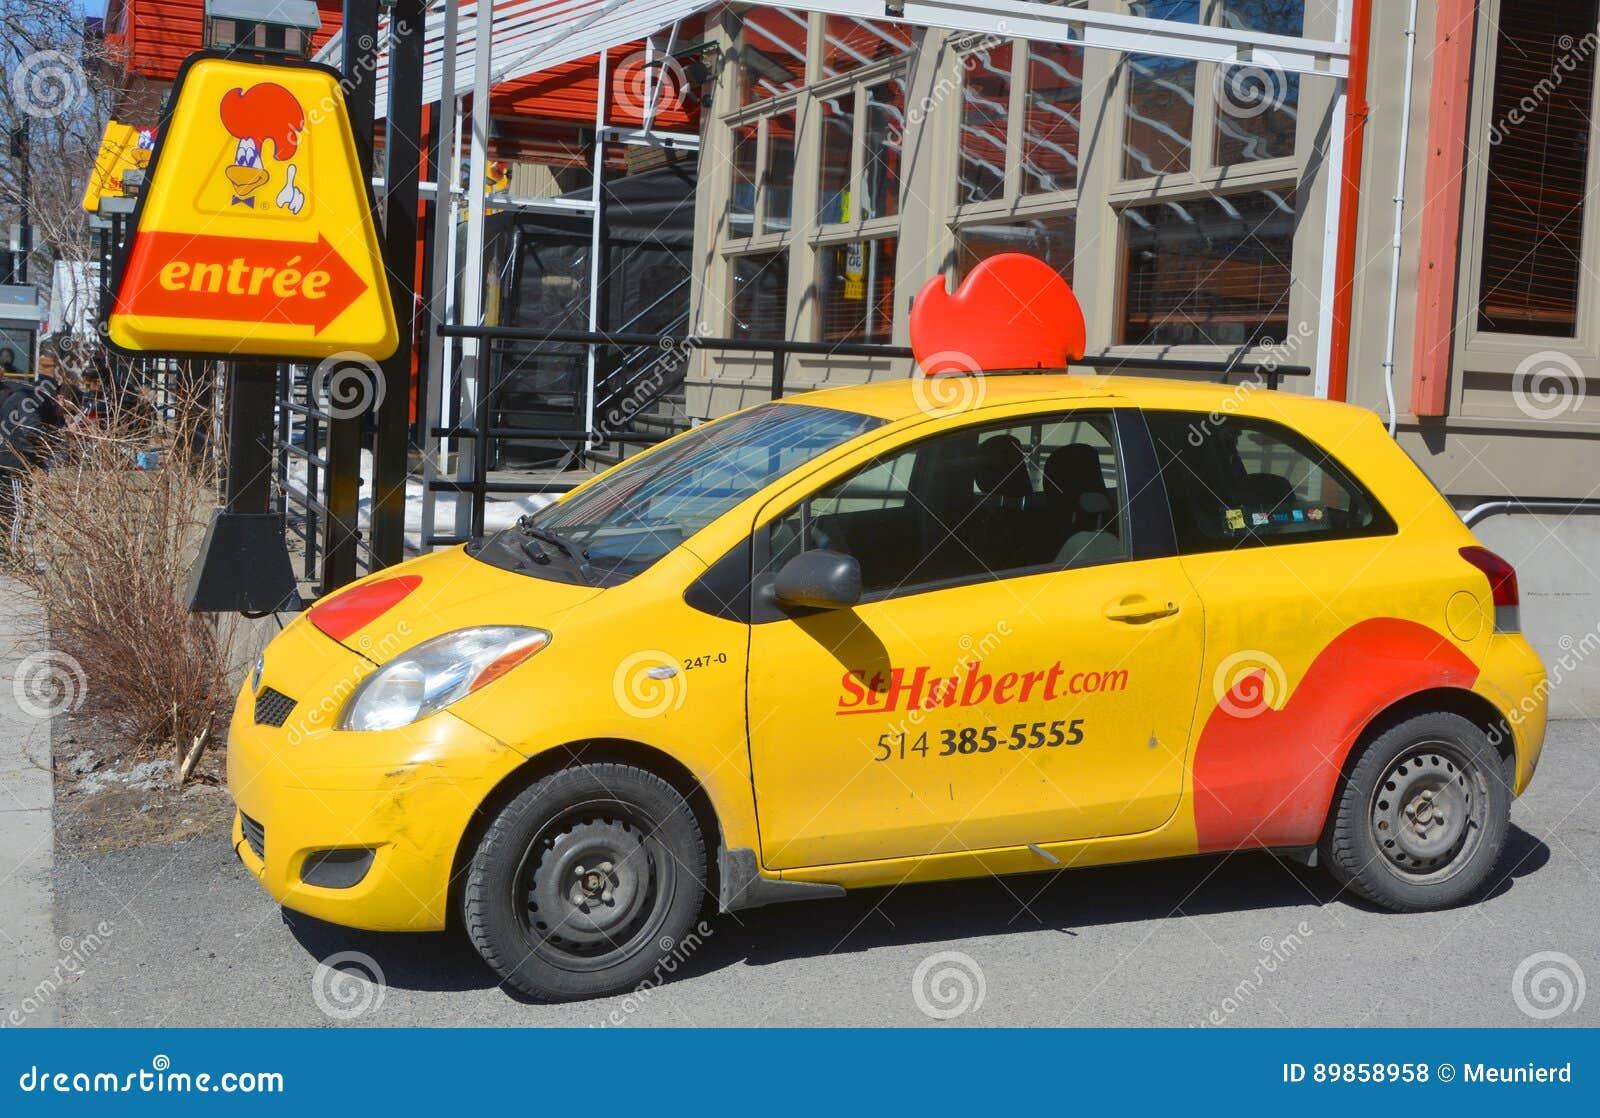 St-Hubert BBQ Ltd